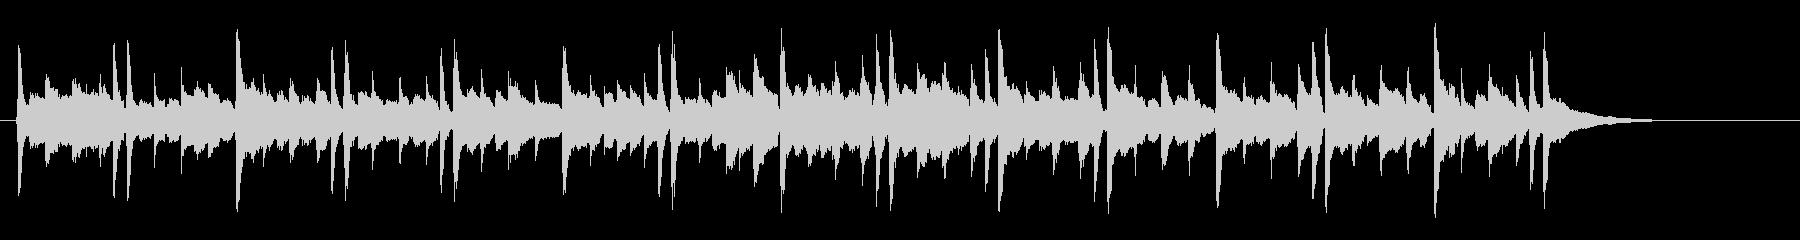 鳴り響くアルペジオギターは、きらめ...の未再生の波形